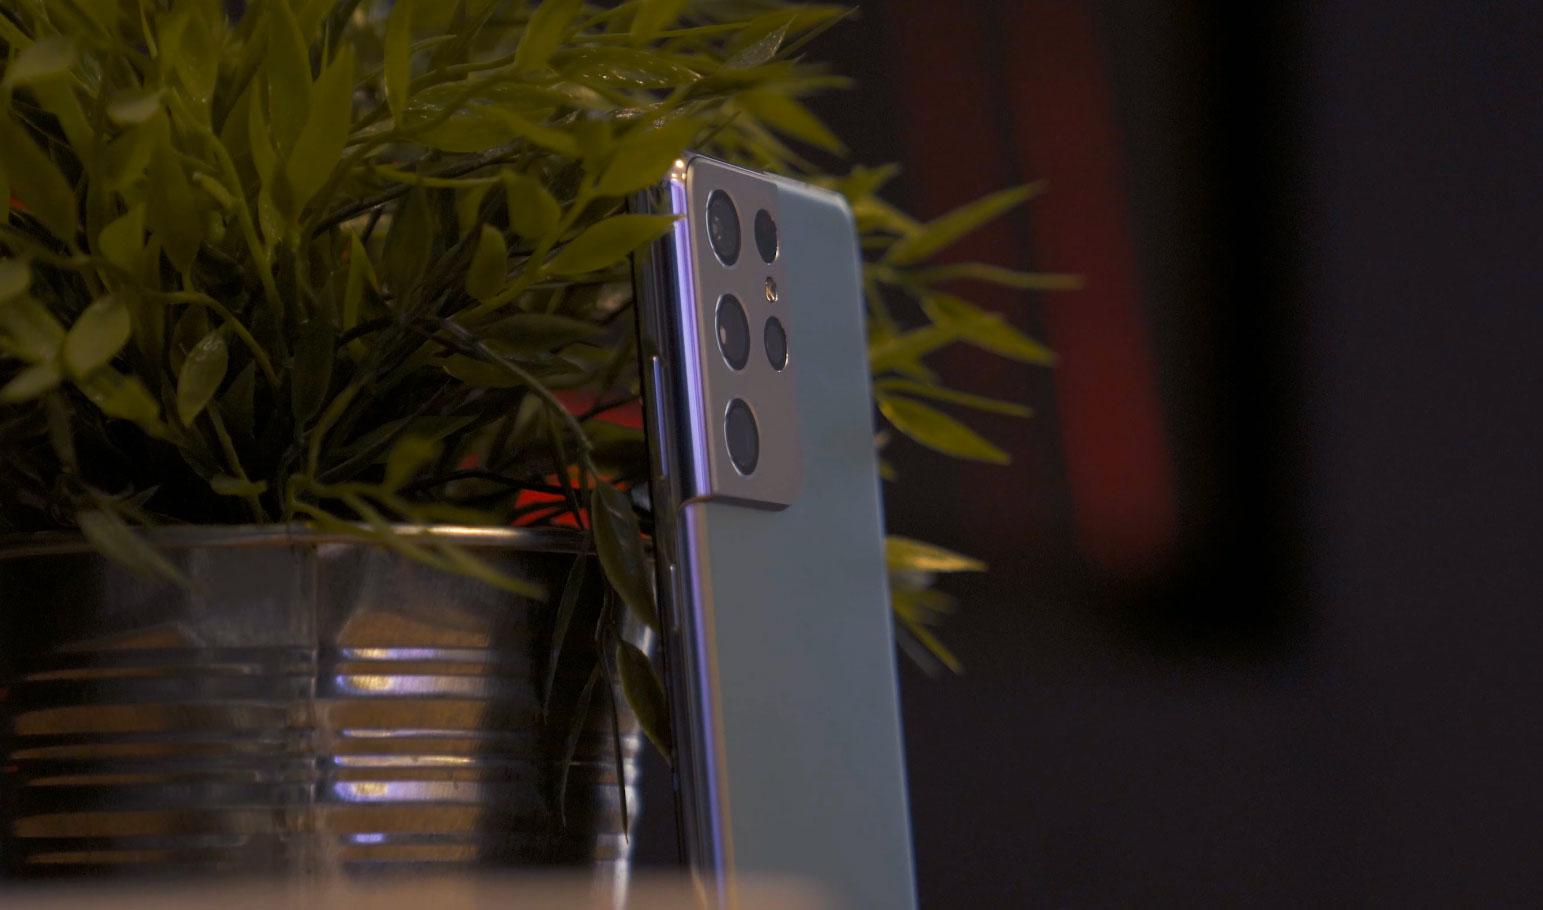 Les Galaxy S21 ne seront pas les seuls à faire l'impasse sur le chargeur et le kit mains libres